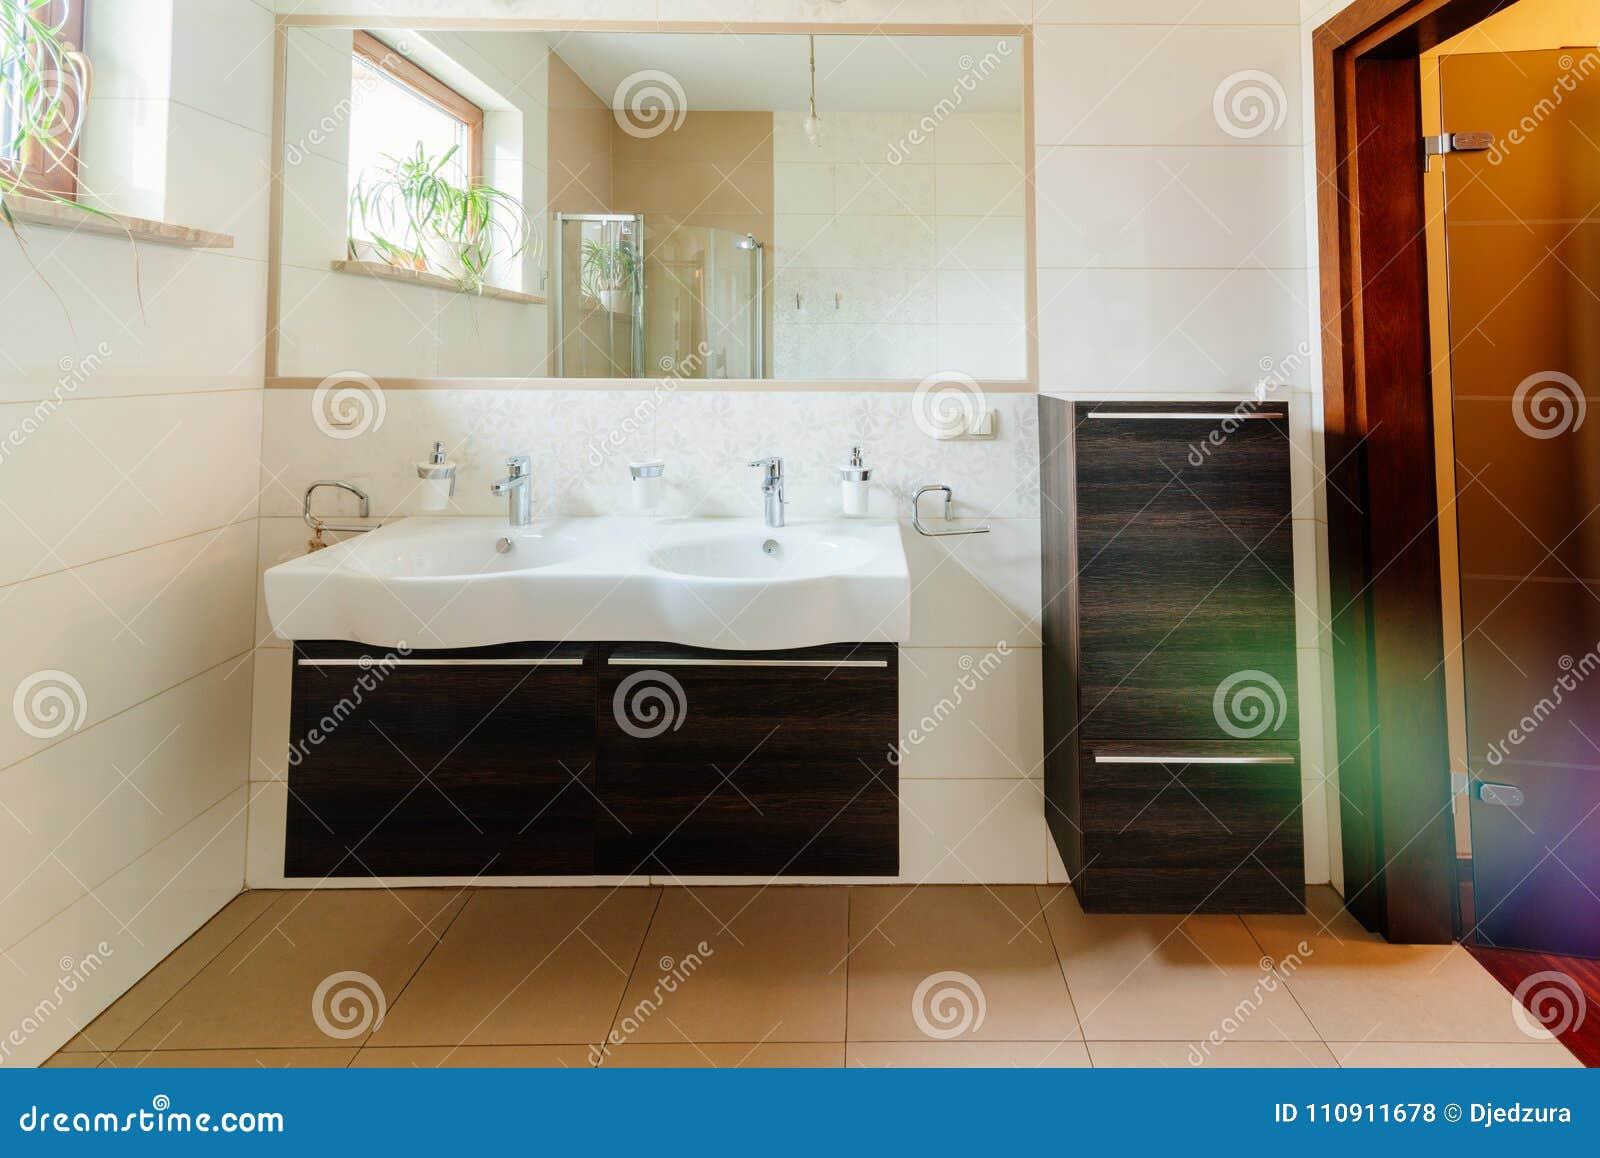 Bagno Moderno Con Doppio Lavandino